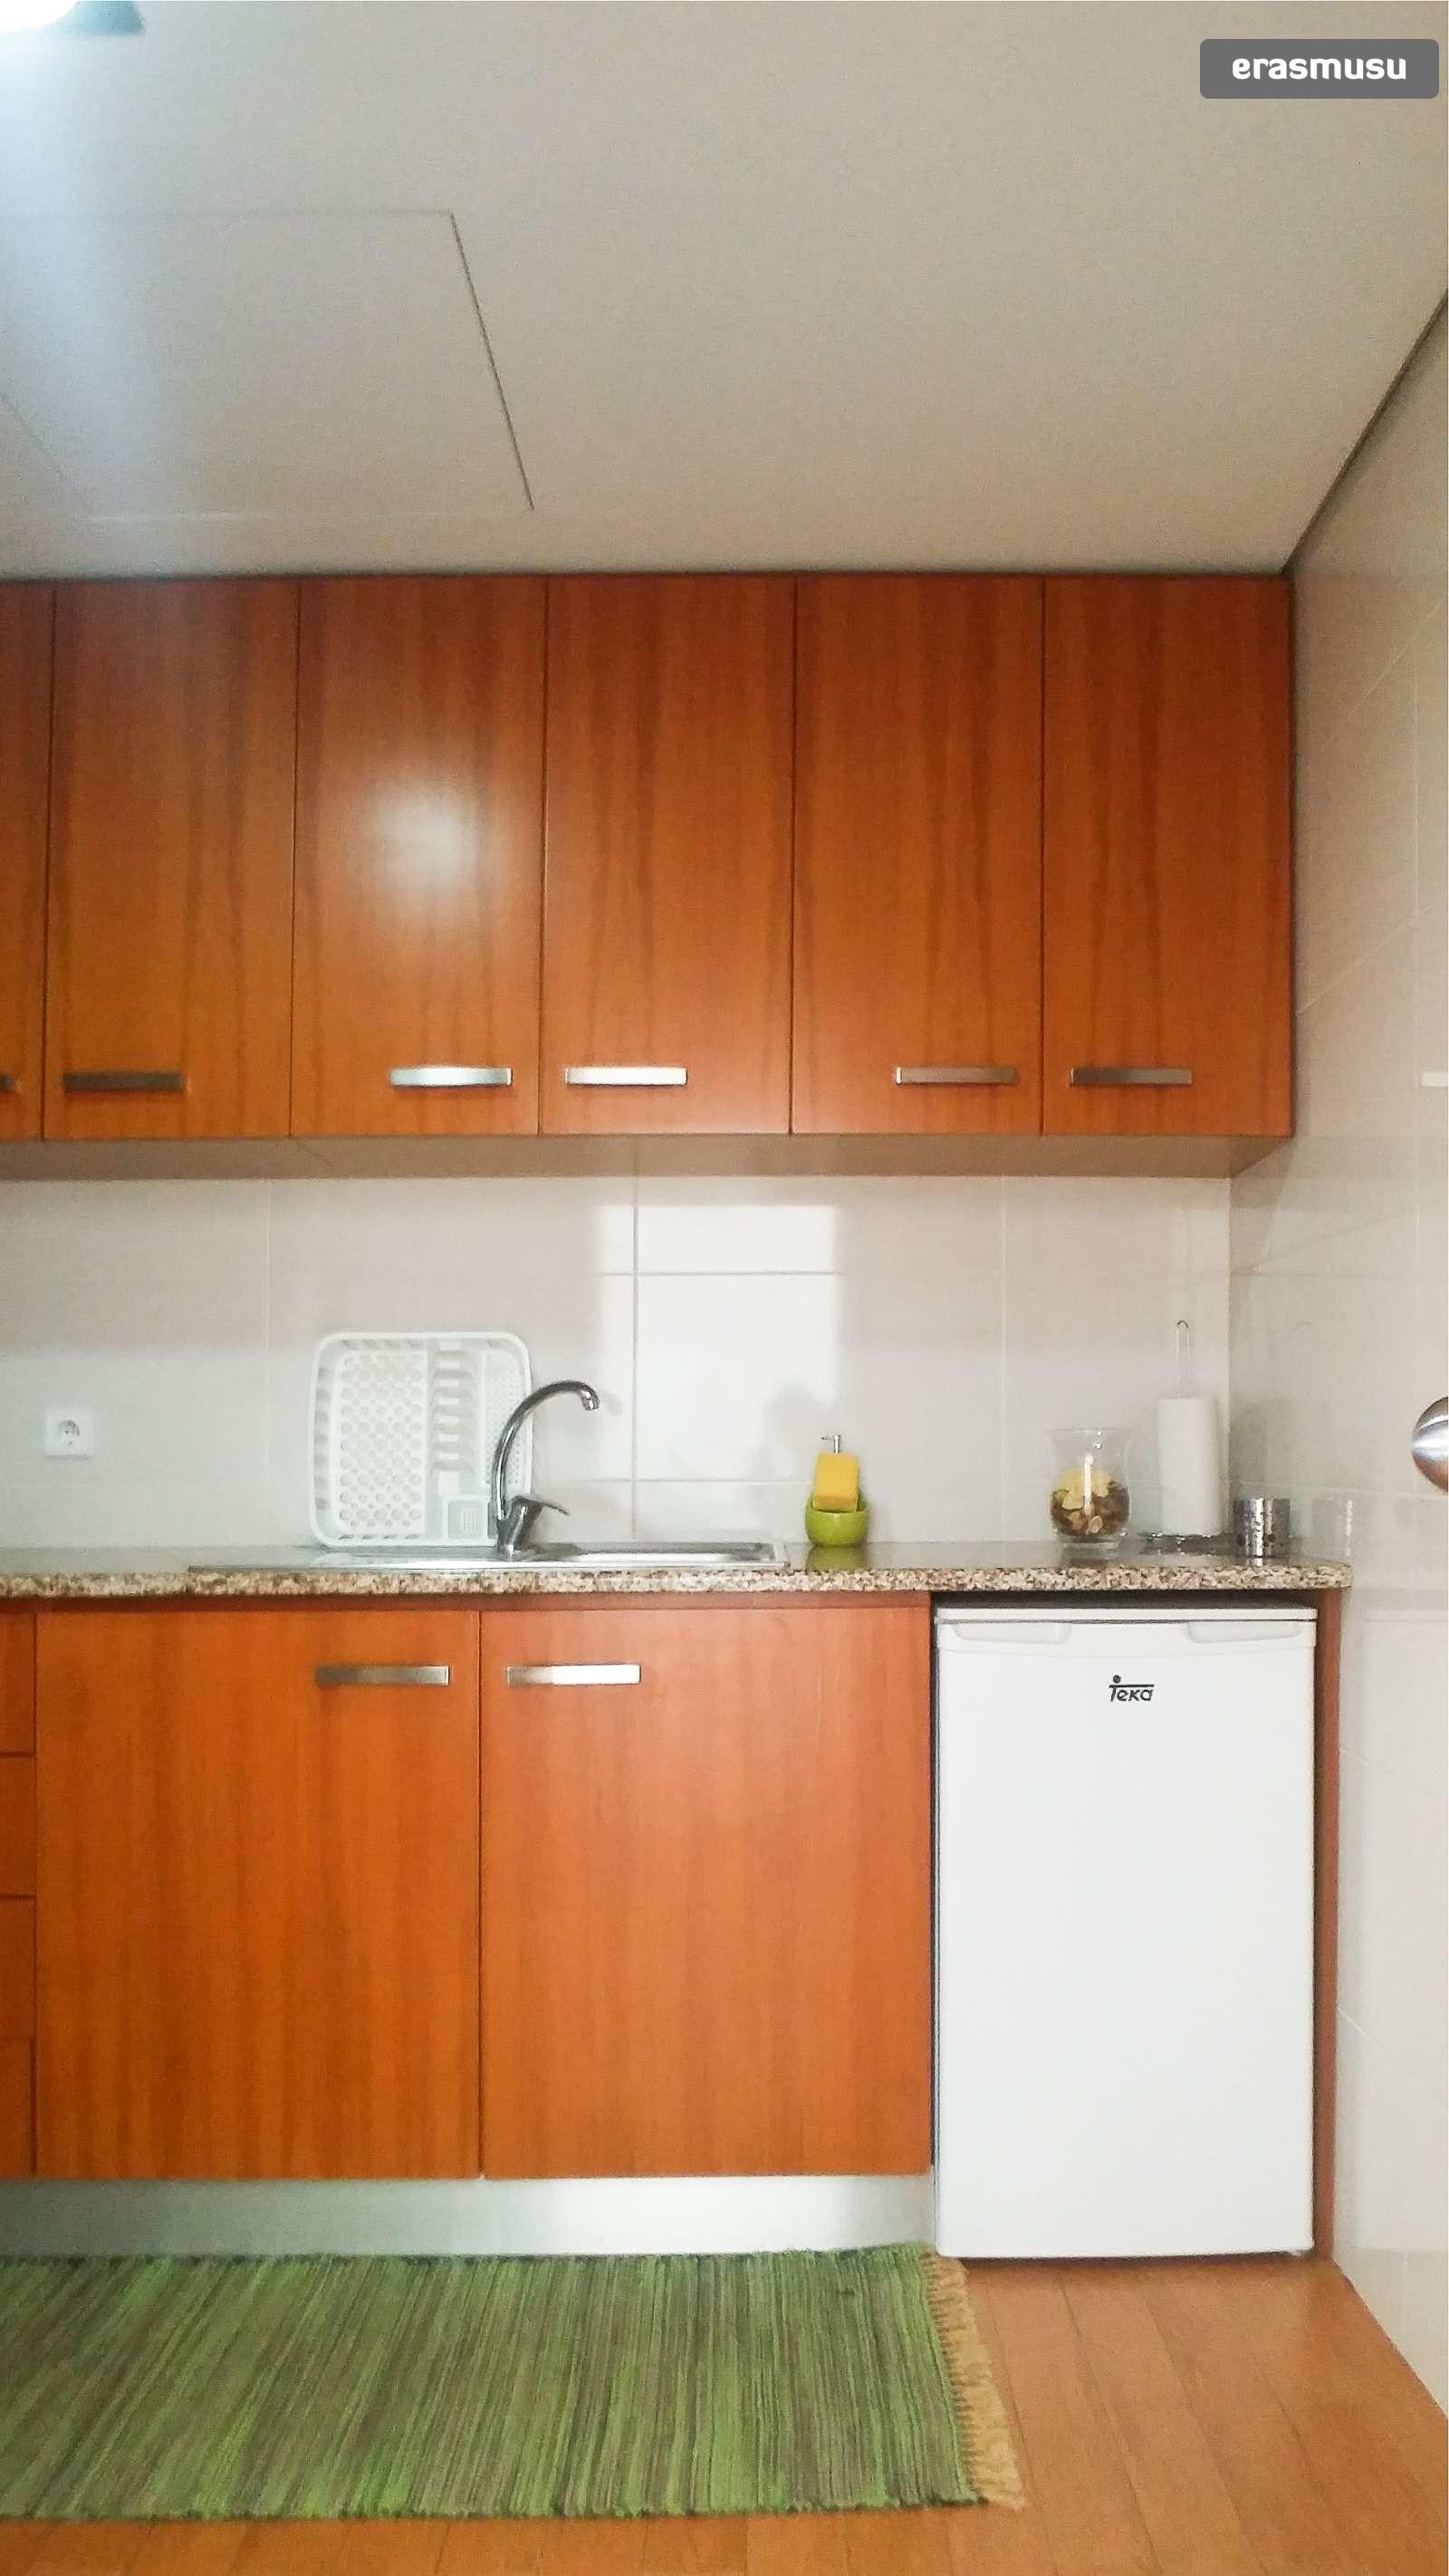 bright-studio-apartment-rent-cedofeita-bccfdf77b62f19ea3fcc52007